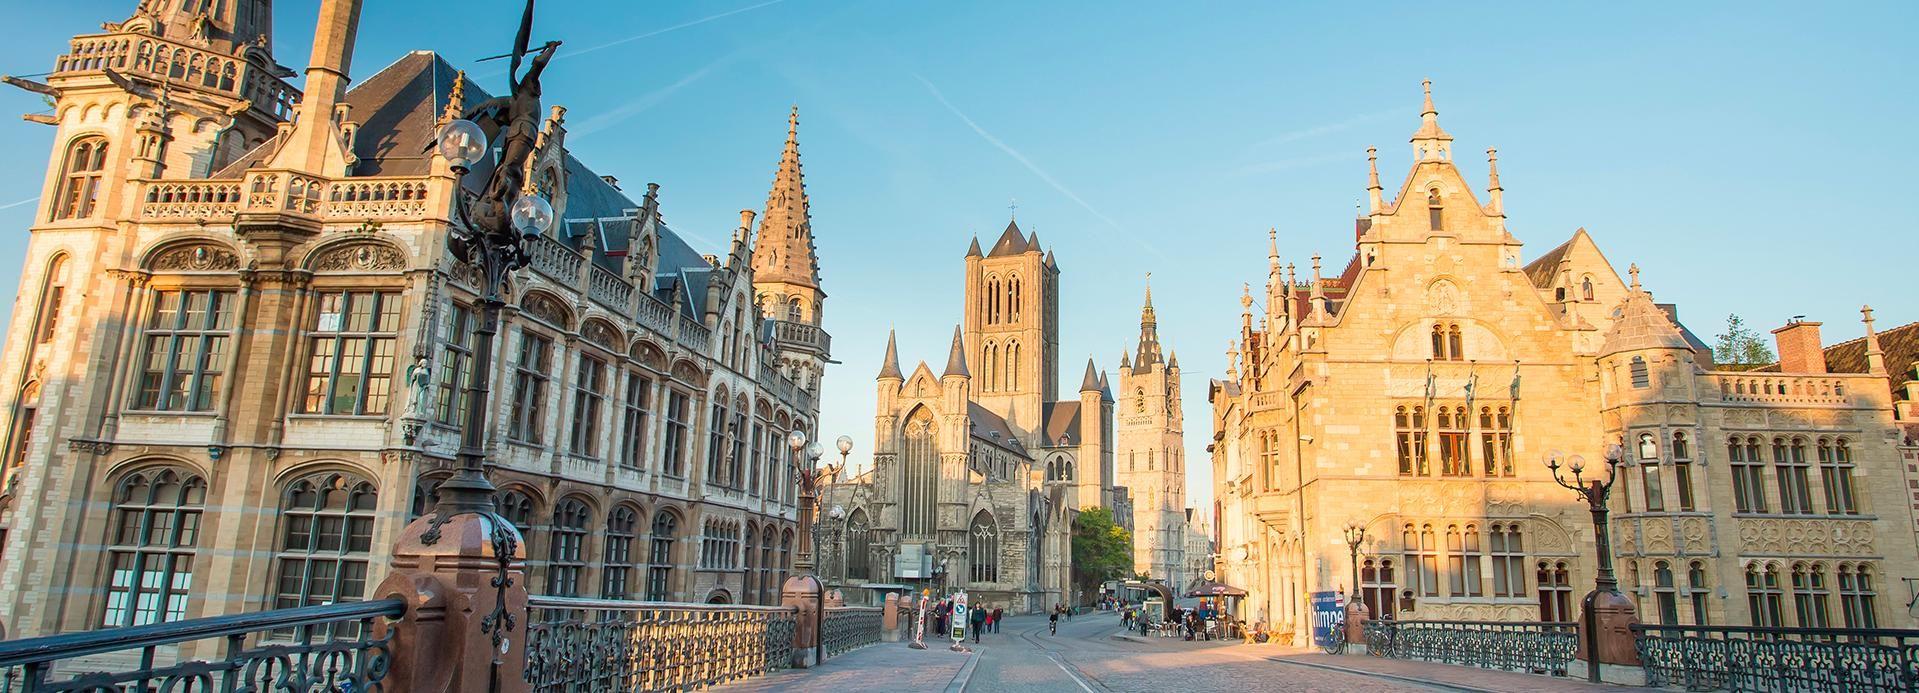 Ghent: Tour guiado de dia inteiro em inglês a partir de Bruxelas